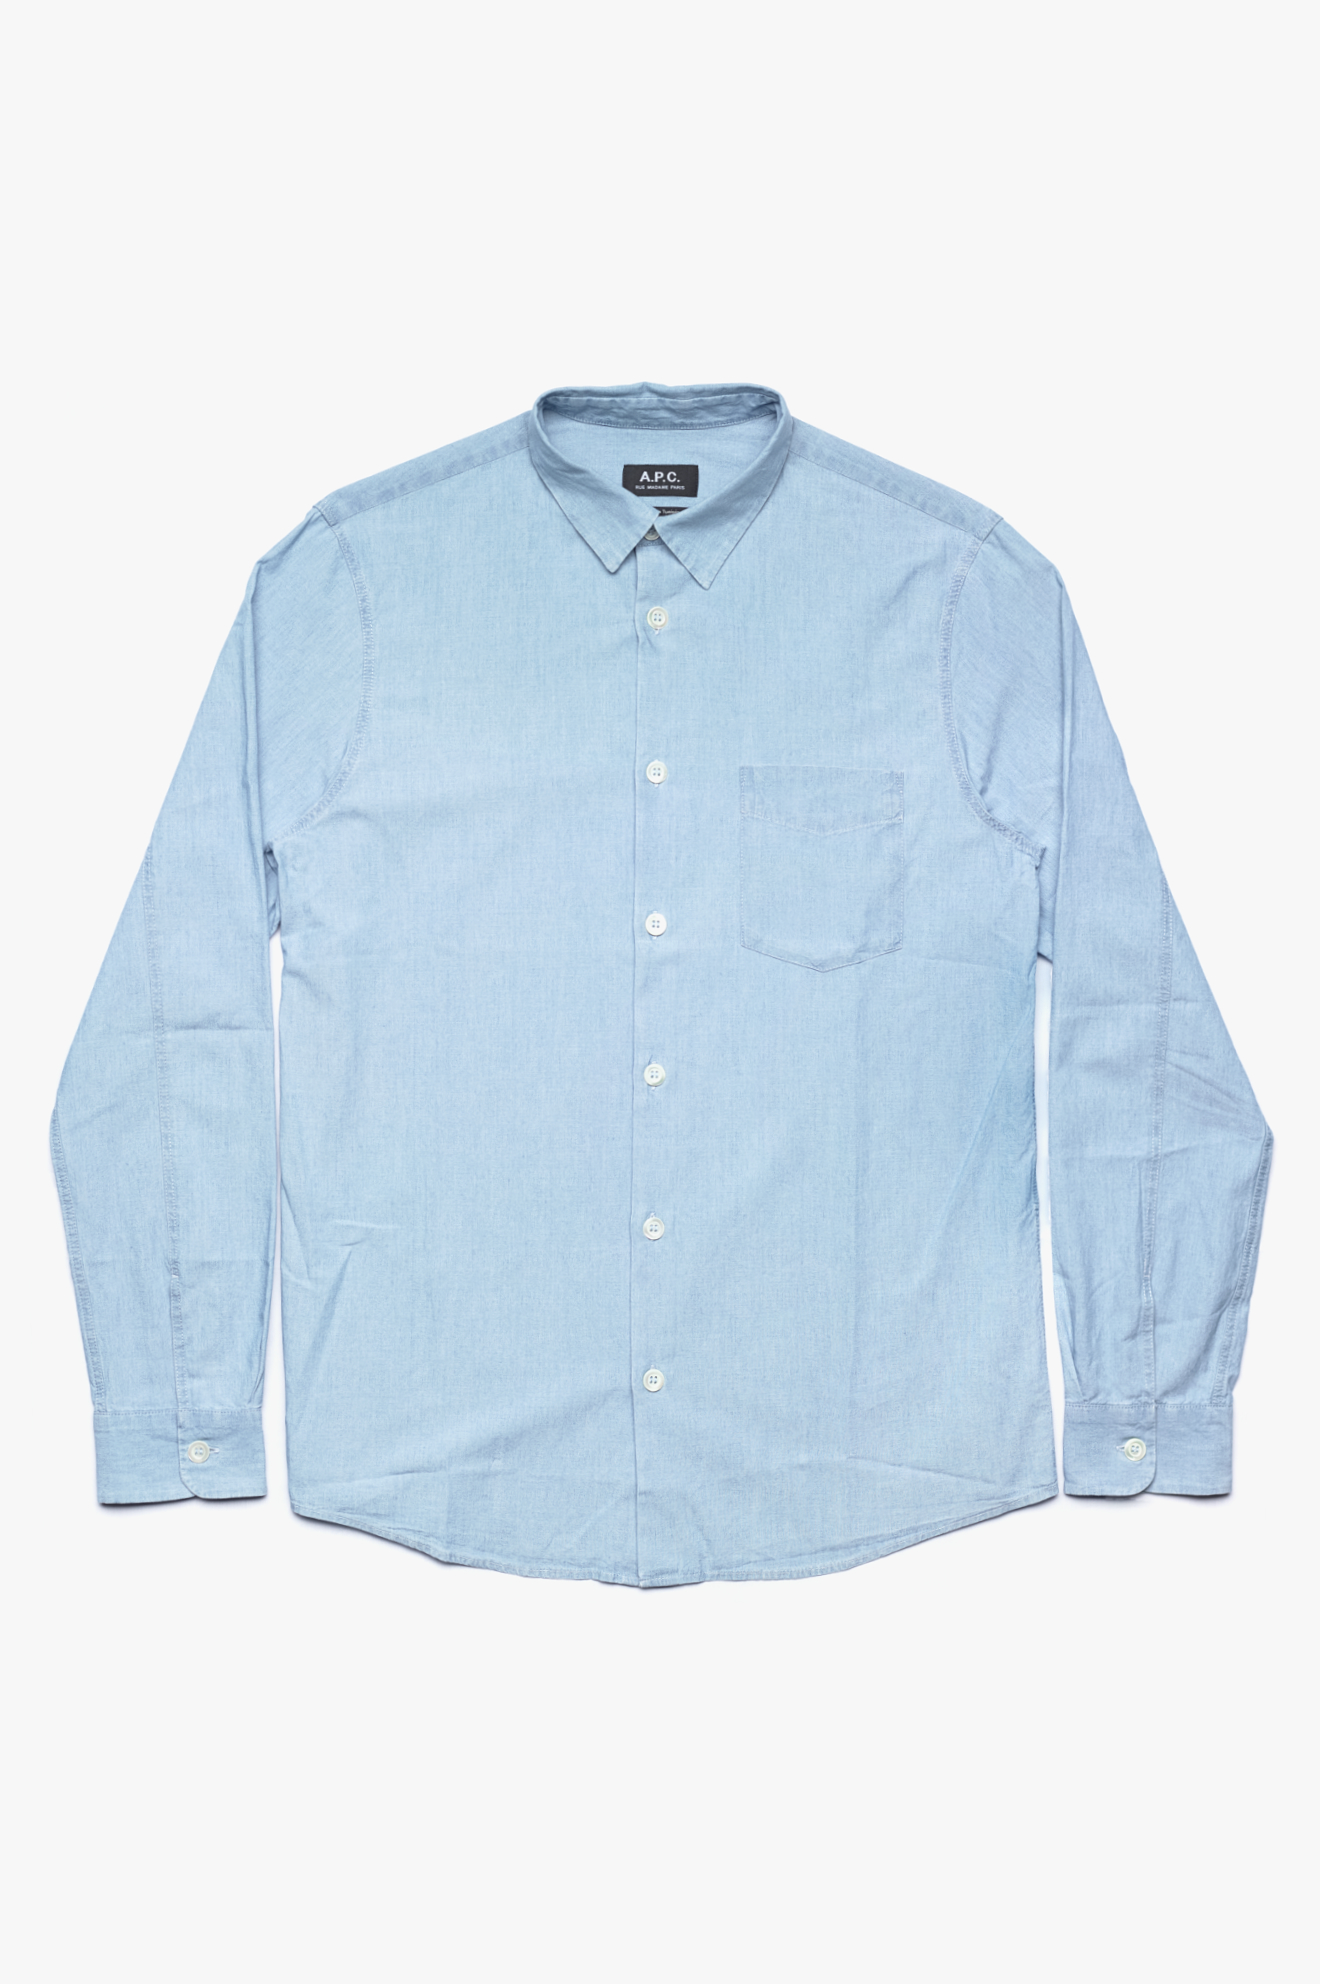 Xavier Shirt Stone Washed Indigo